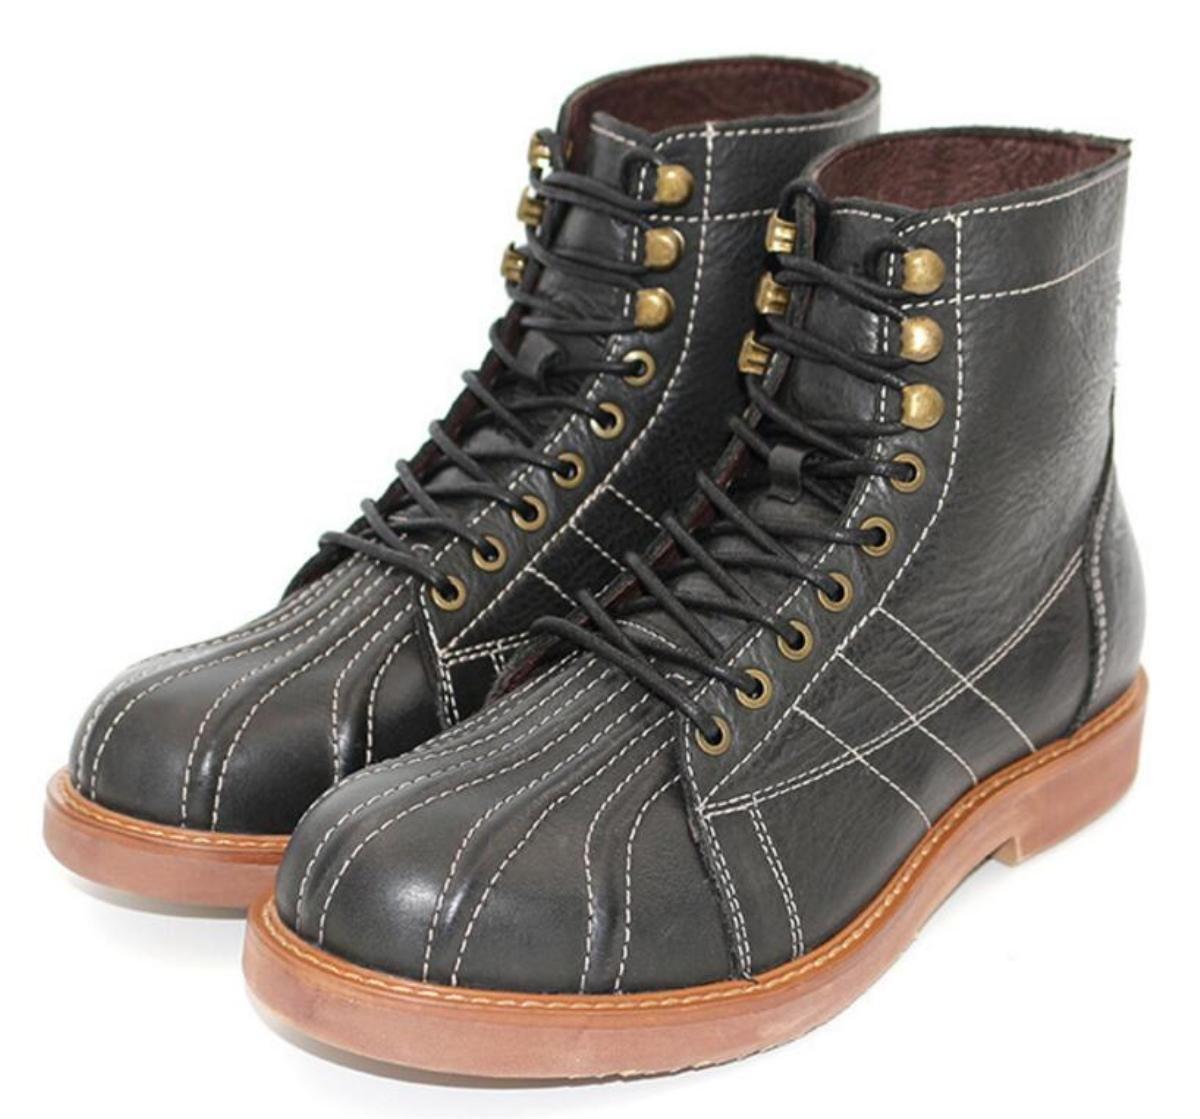 Neue Männer Stiefel Casual High-Hilfe Mode Schuhe Größe 38-43, Schwarz   Braun , 39